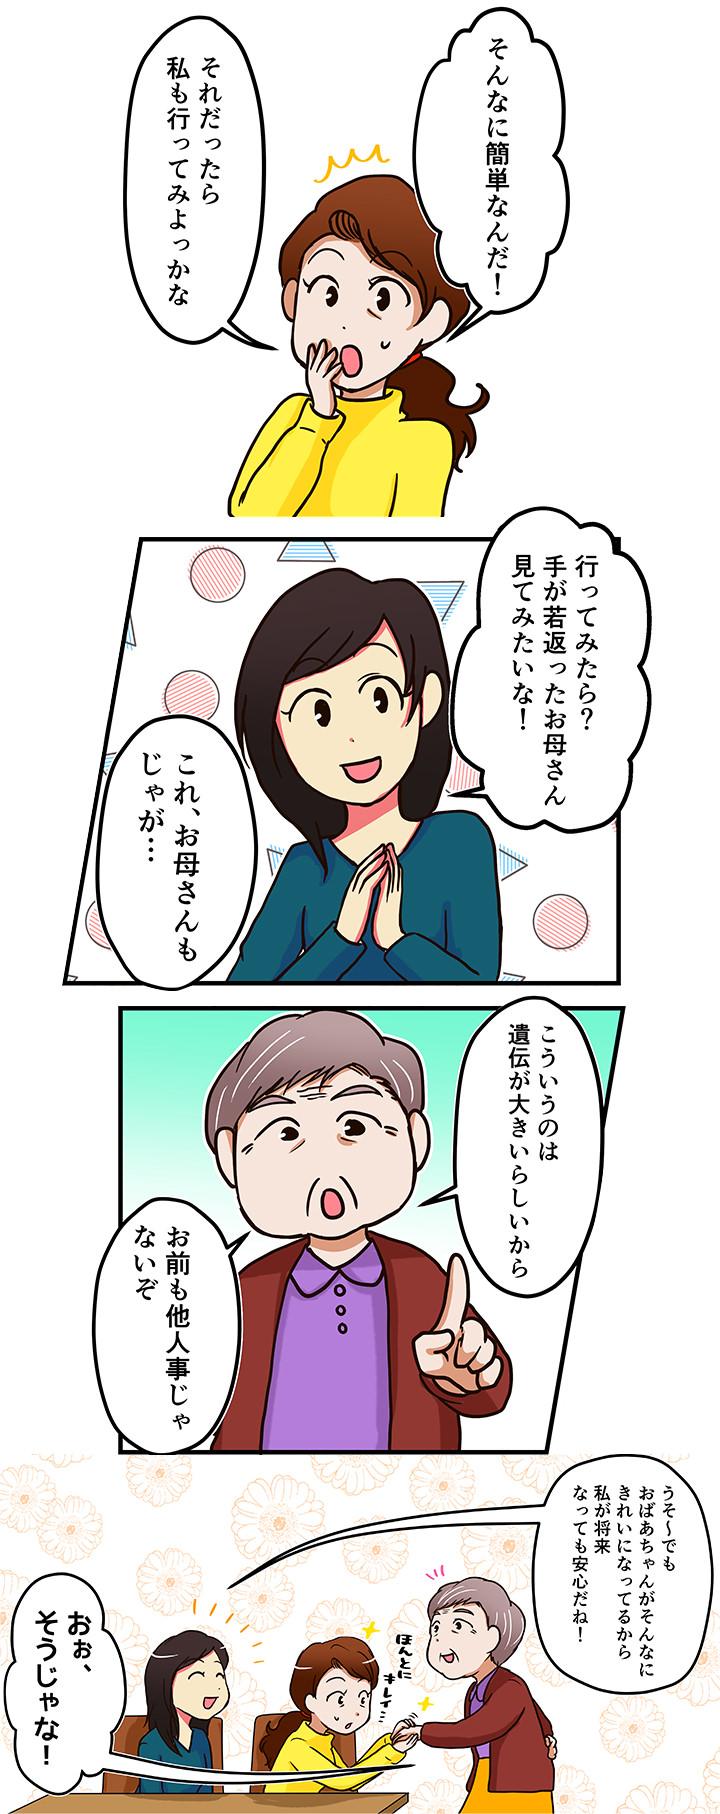 ハンドベイン漫画4(スマホ)